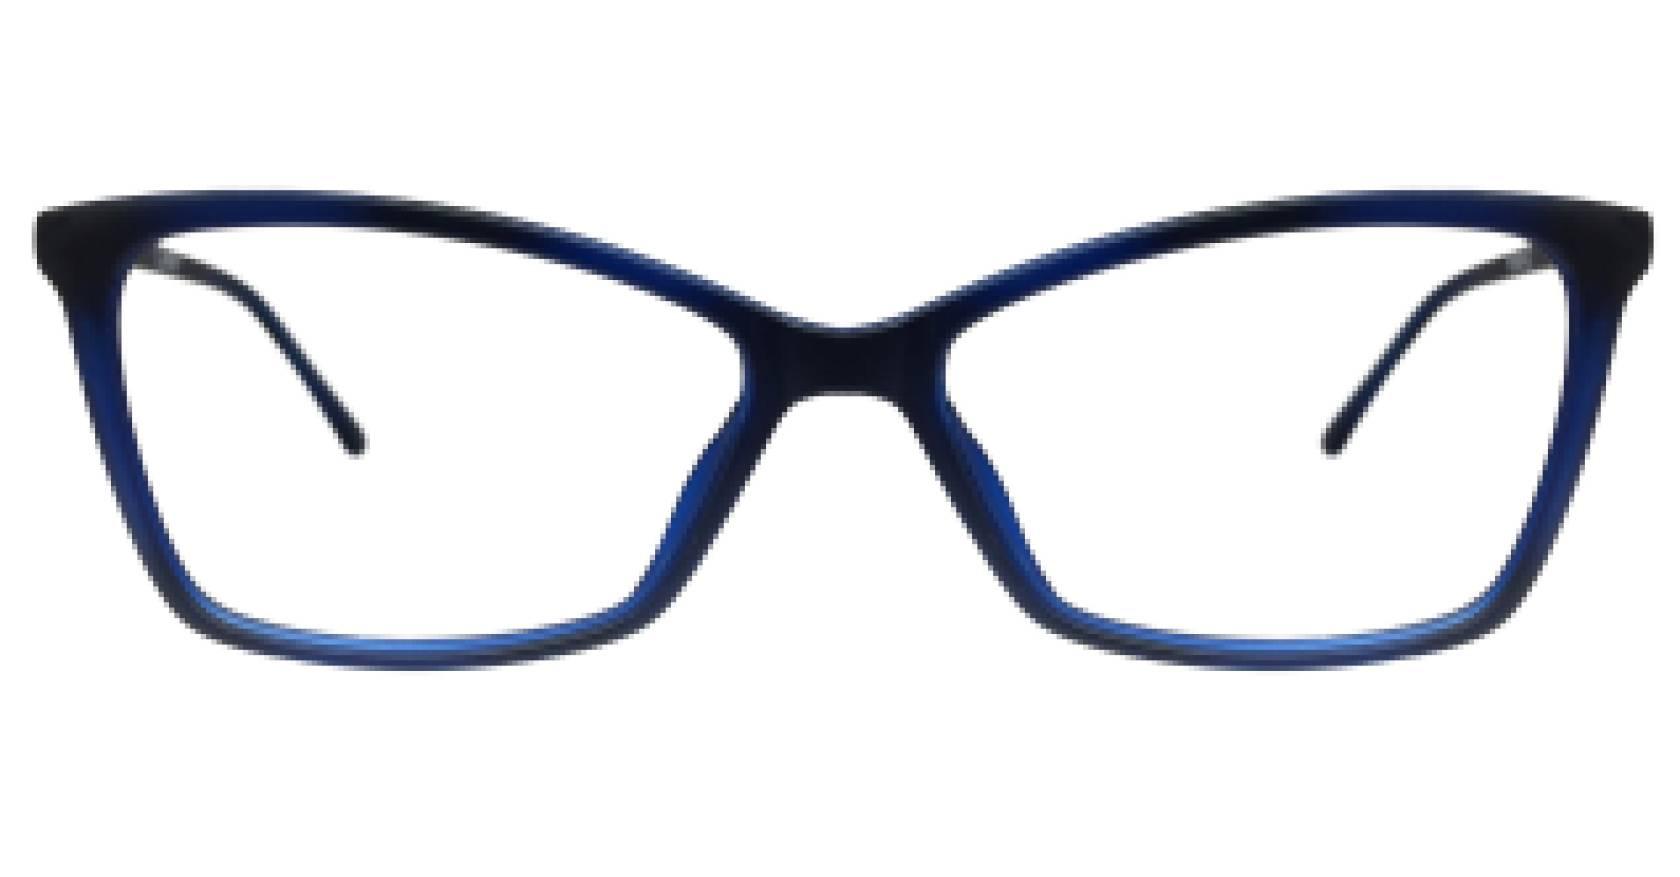 imagen miniatura frontal de la referencia 100997